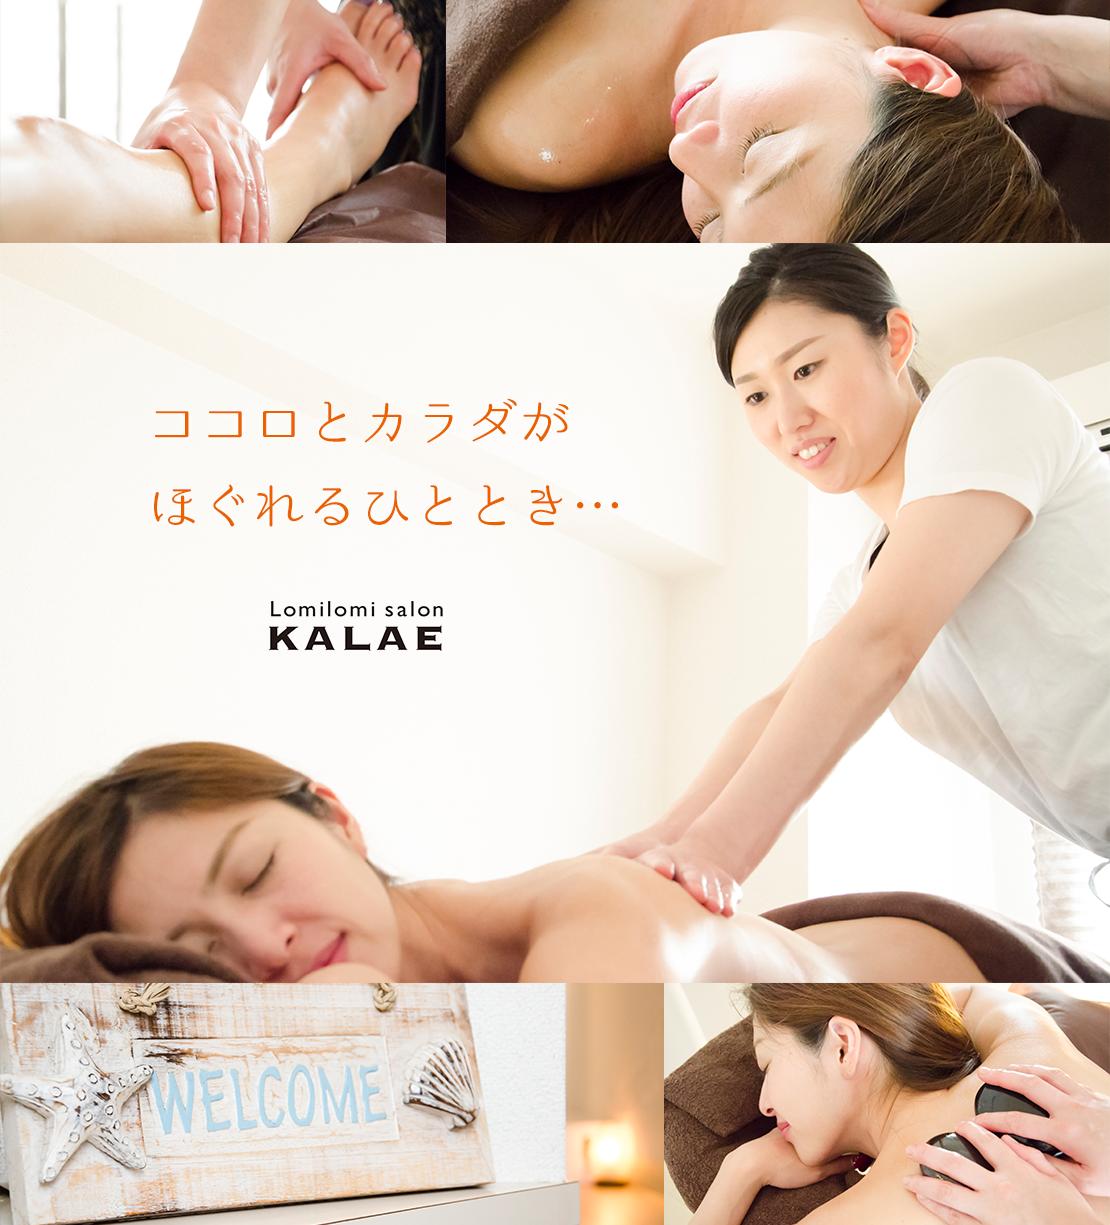 カラエ(Lomilomi salon KALAE)のメイン画像